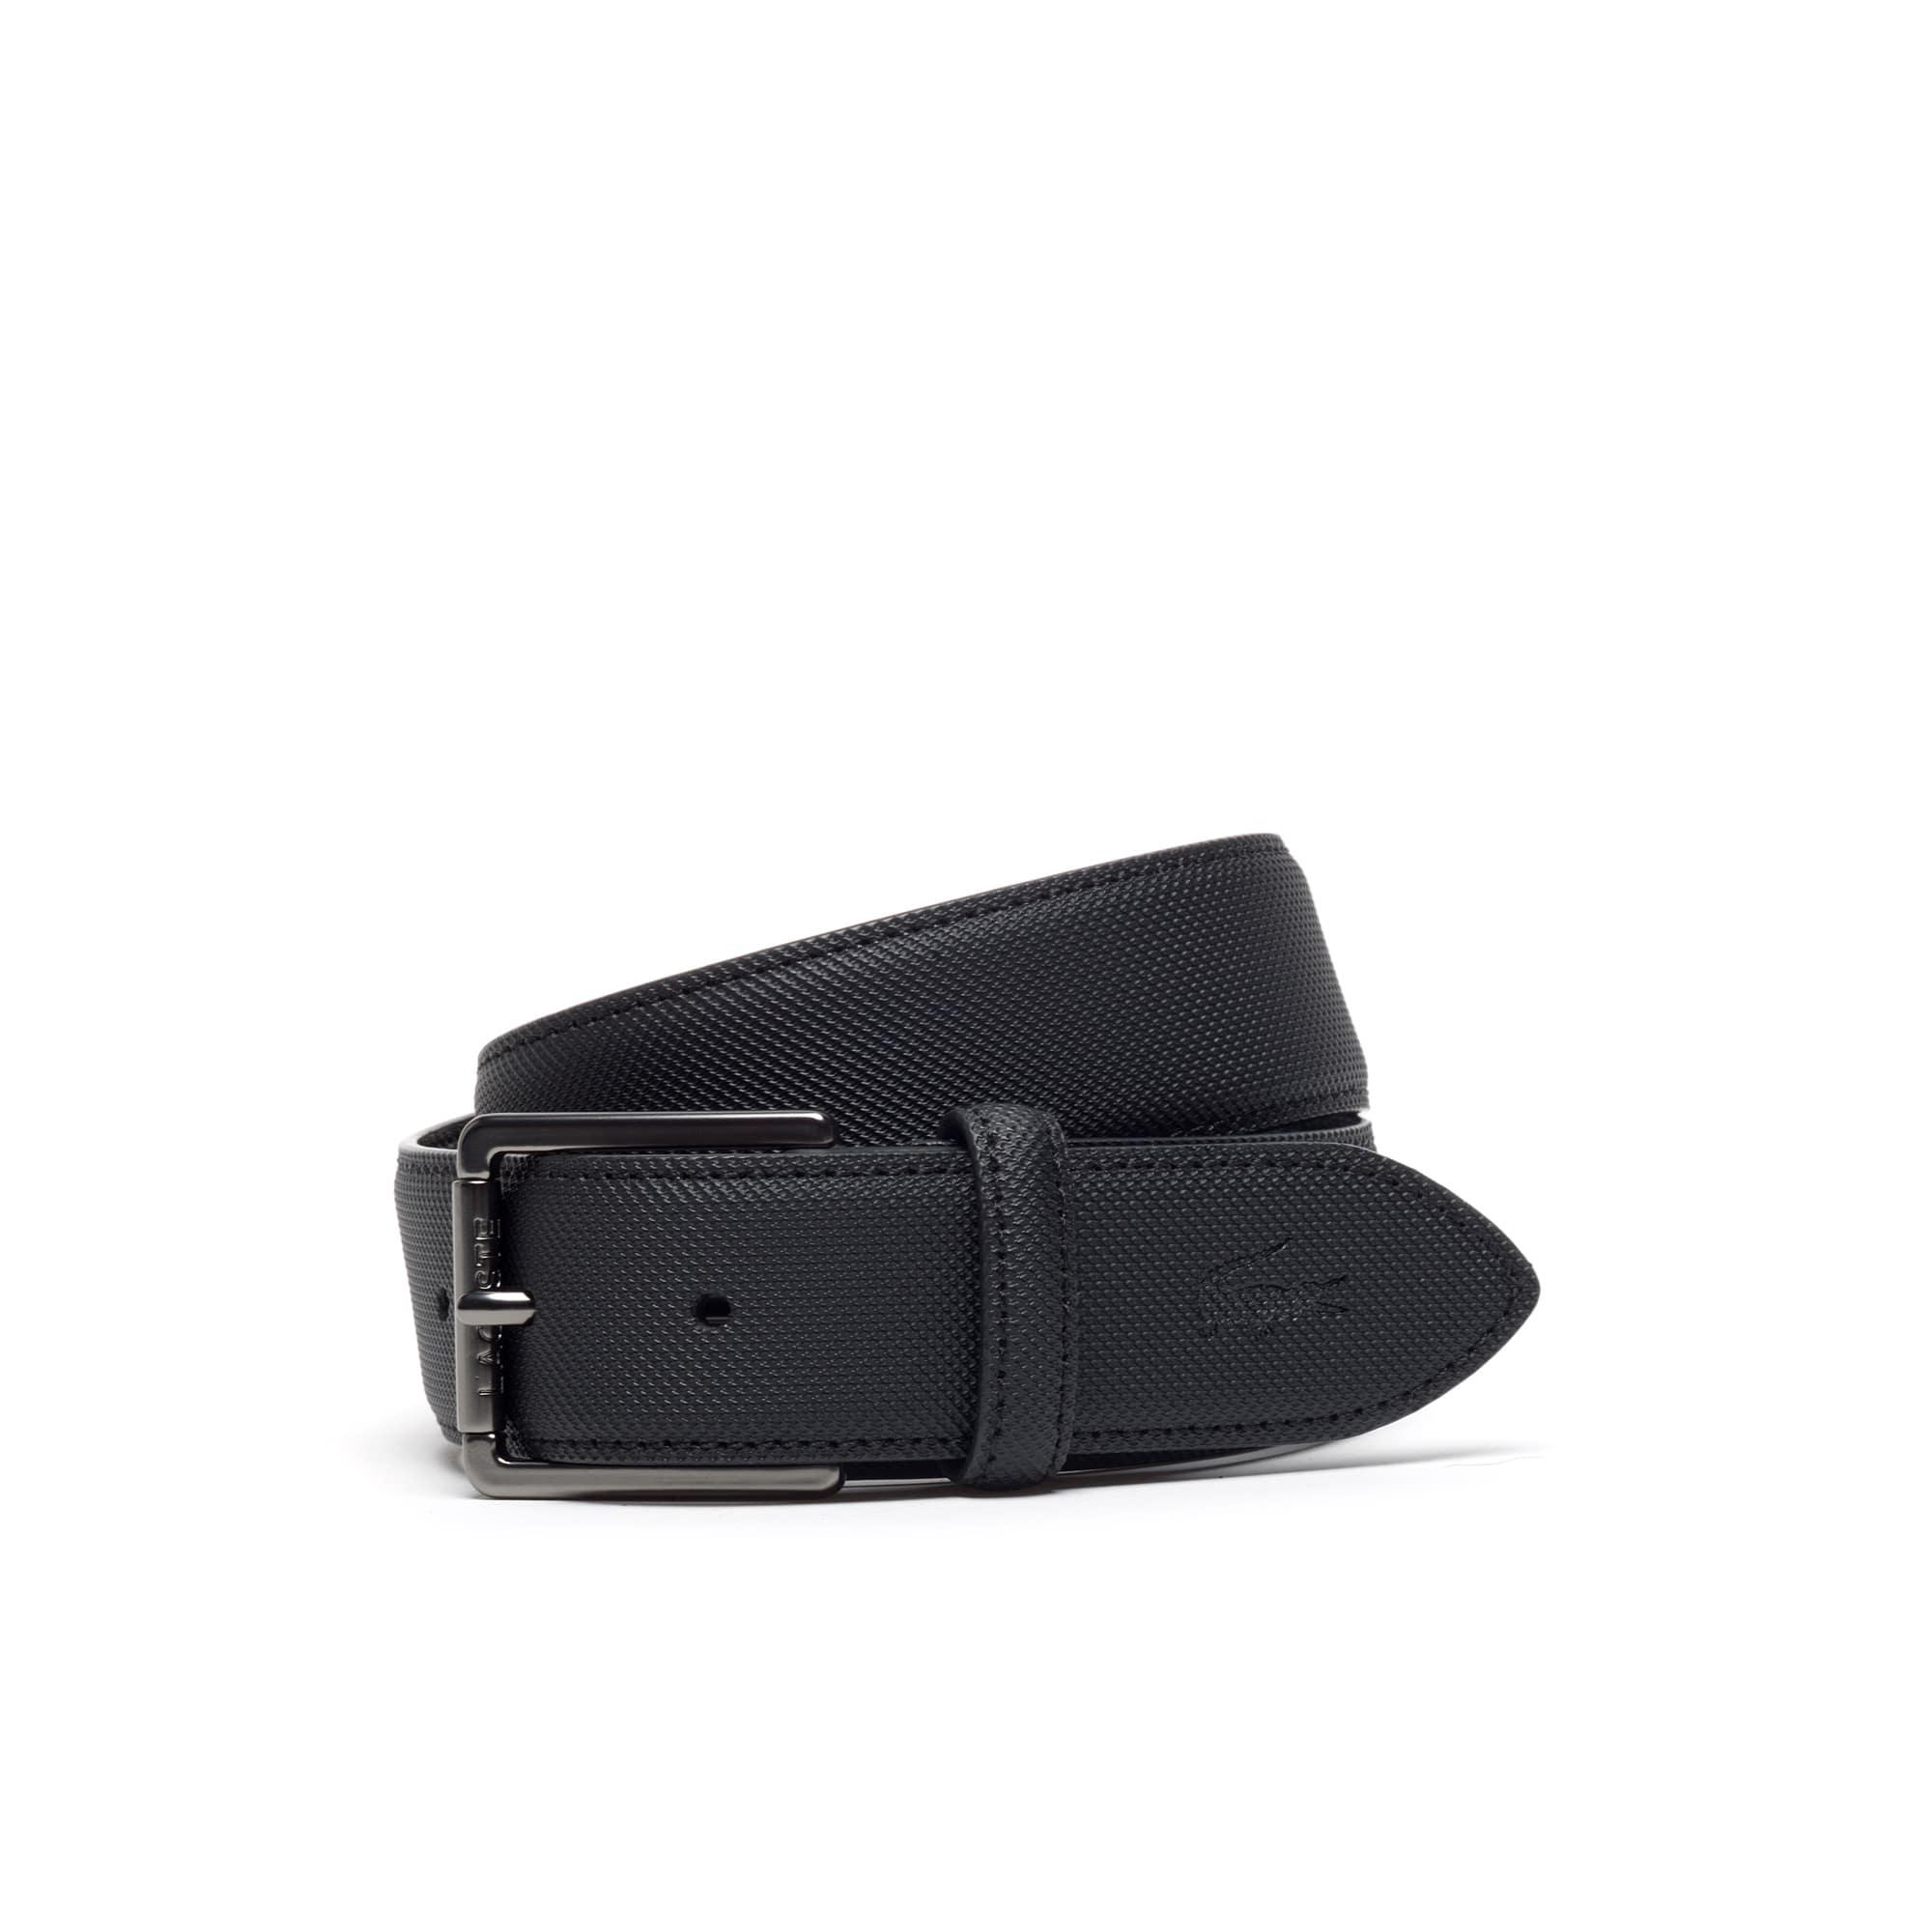 Cinturón Men's classic de cuero con petit piqué repujado